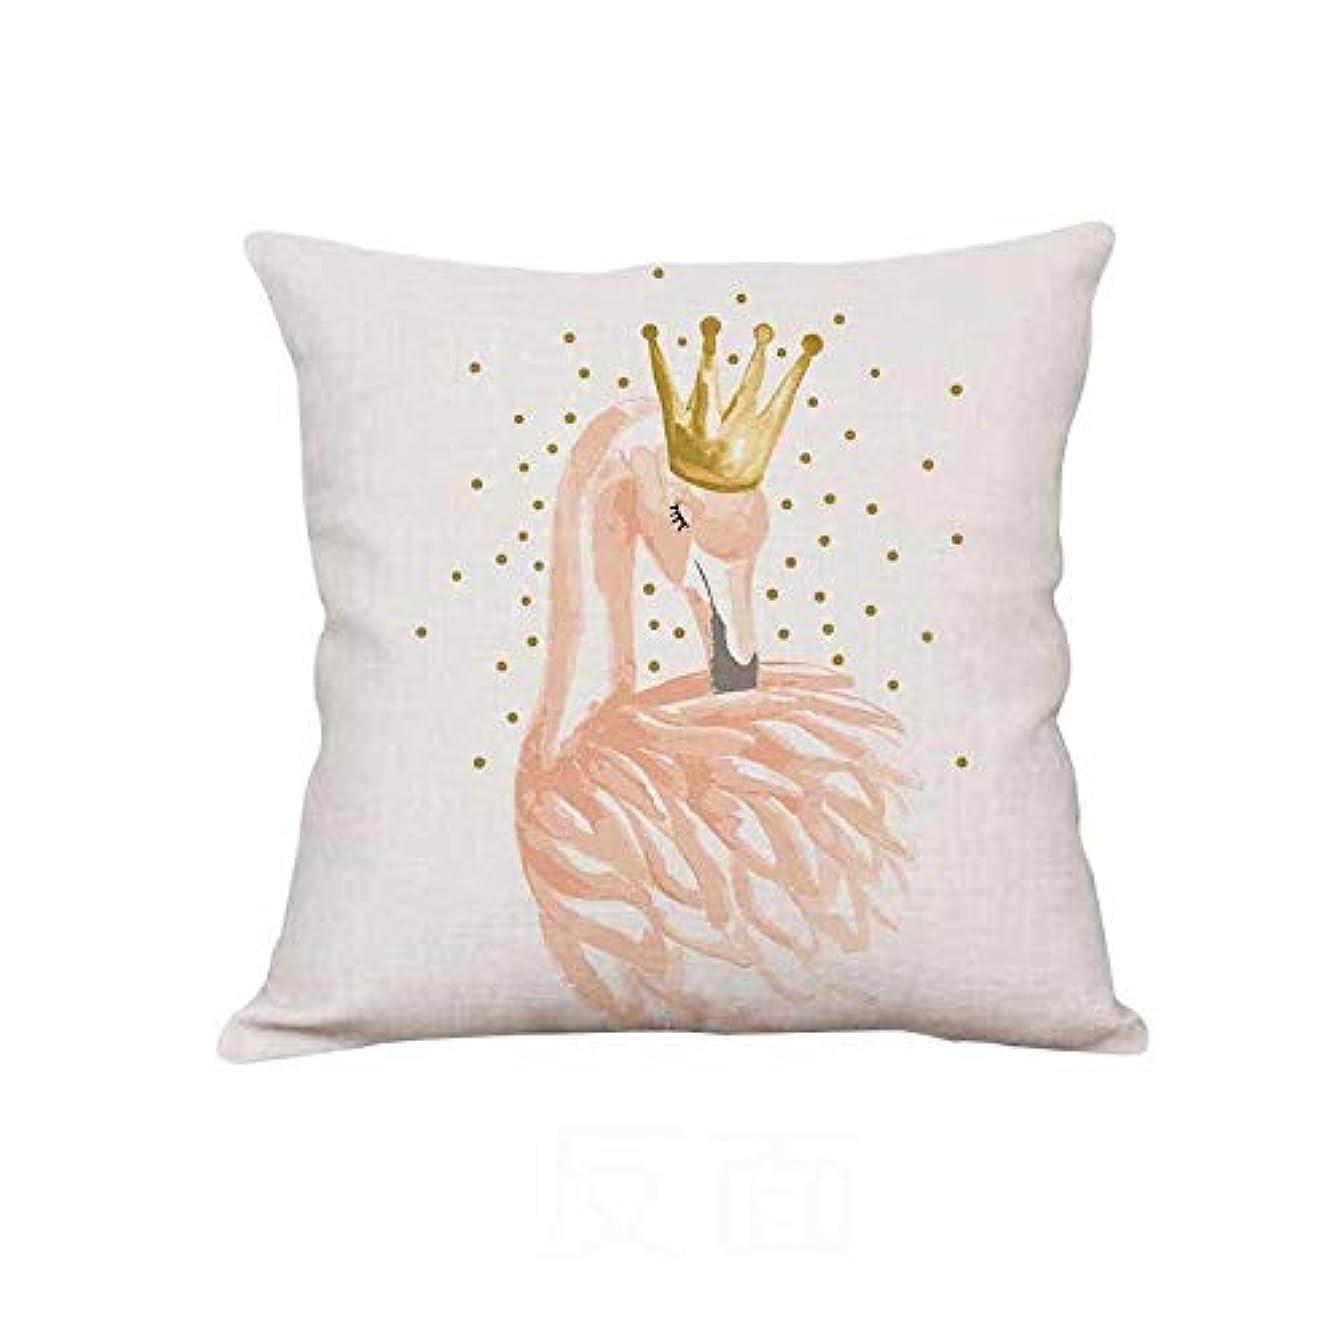 カブ興味請求書LIFE 新しいぬいぐるみピンクフラミンゴクッションガチョウの羽風船幾何北欧家の装飾ソファスロー枕用女の子ルーム装飾 クッション 椅子